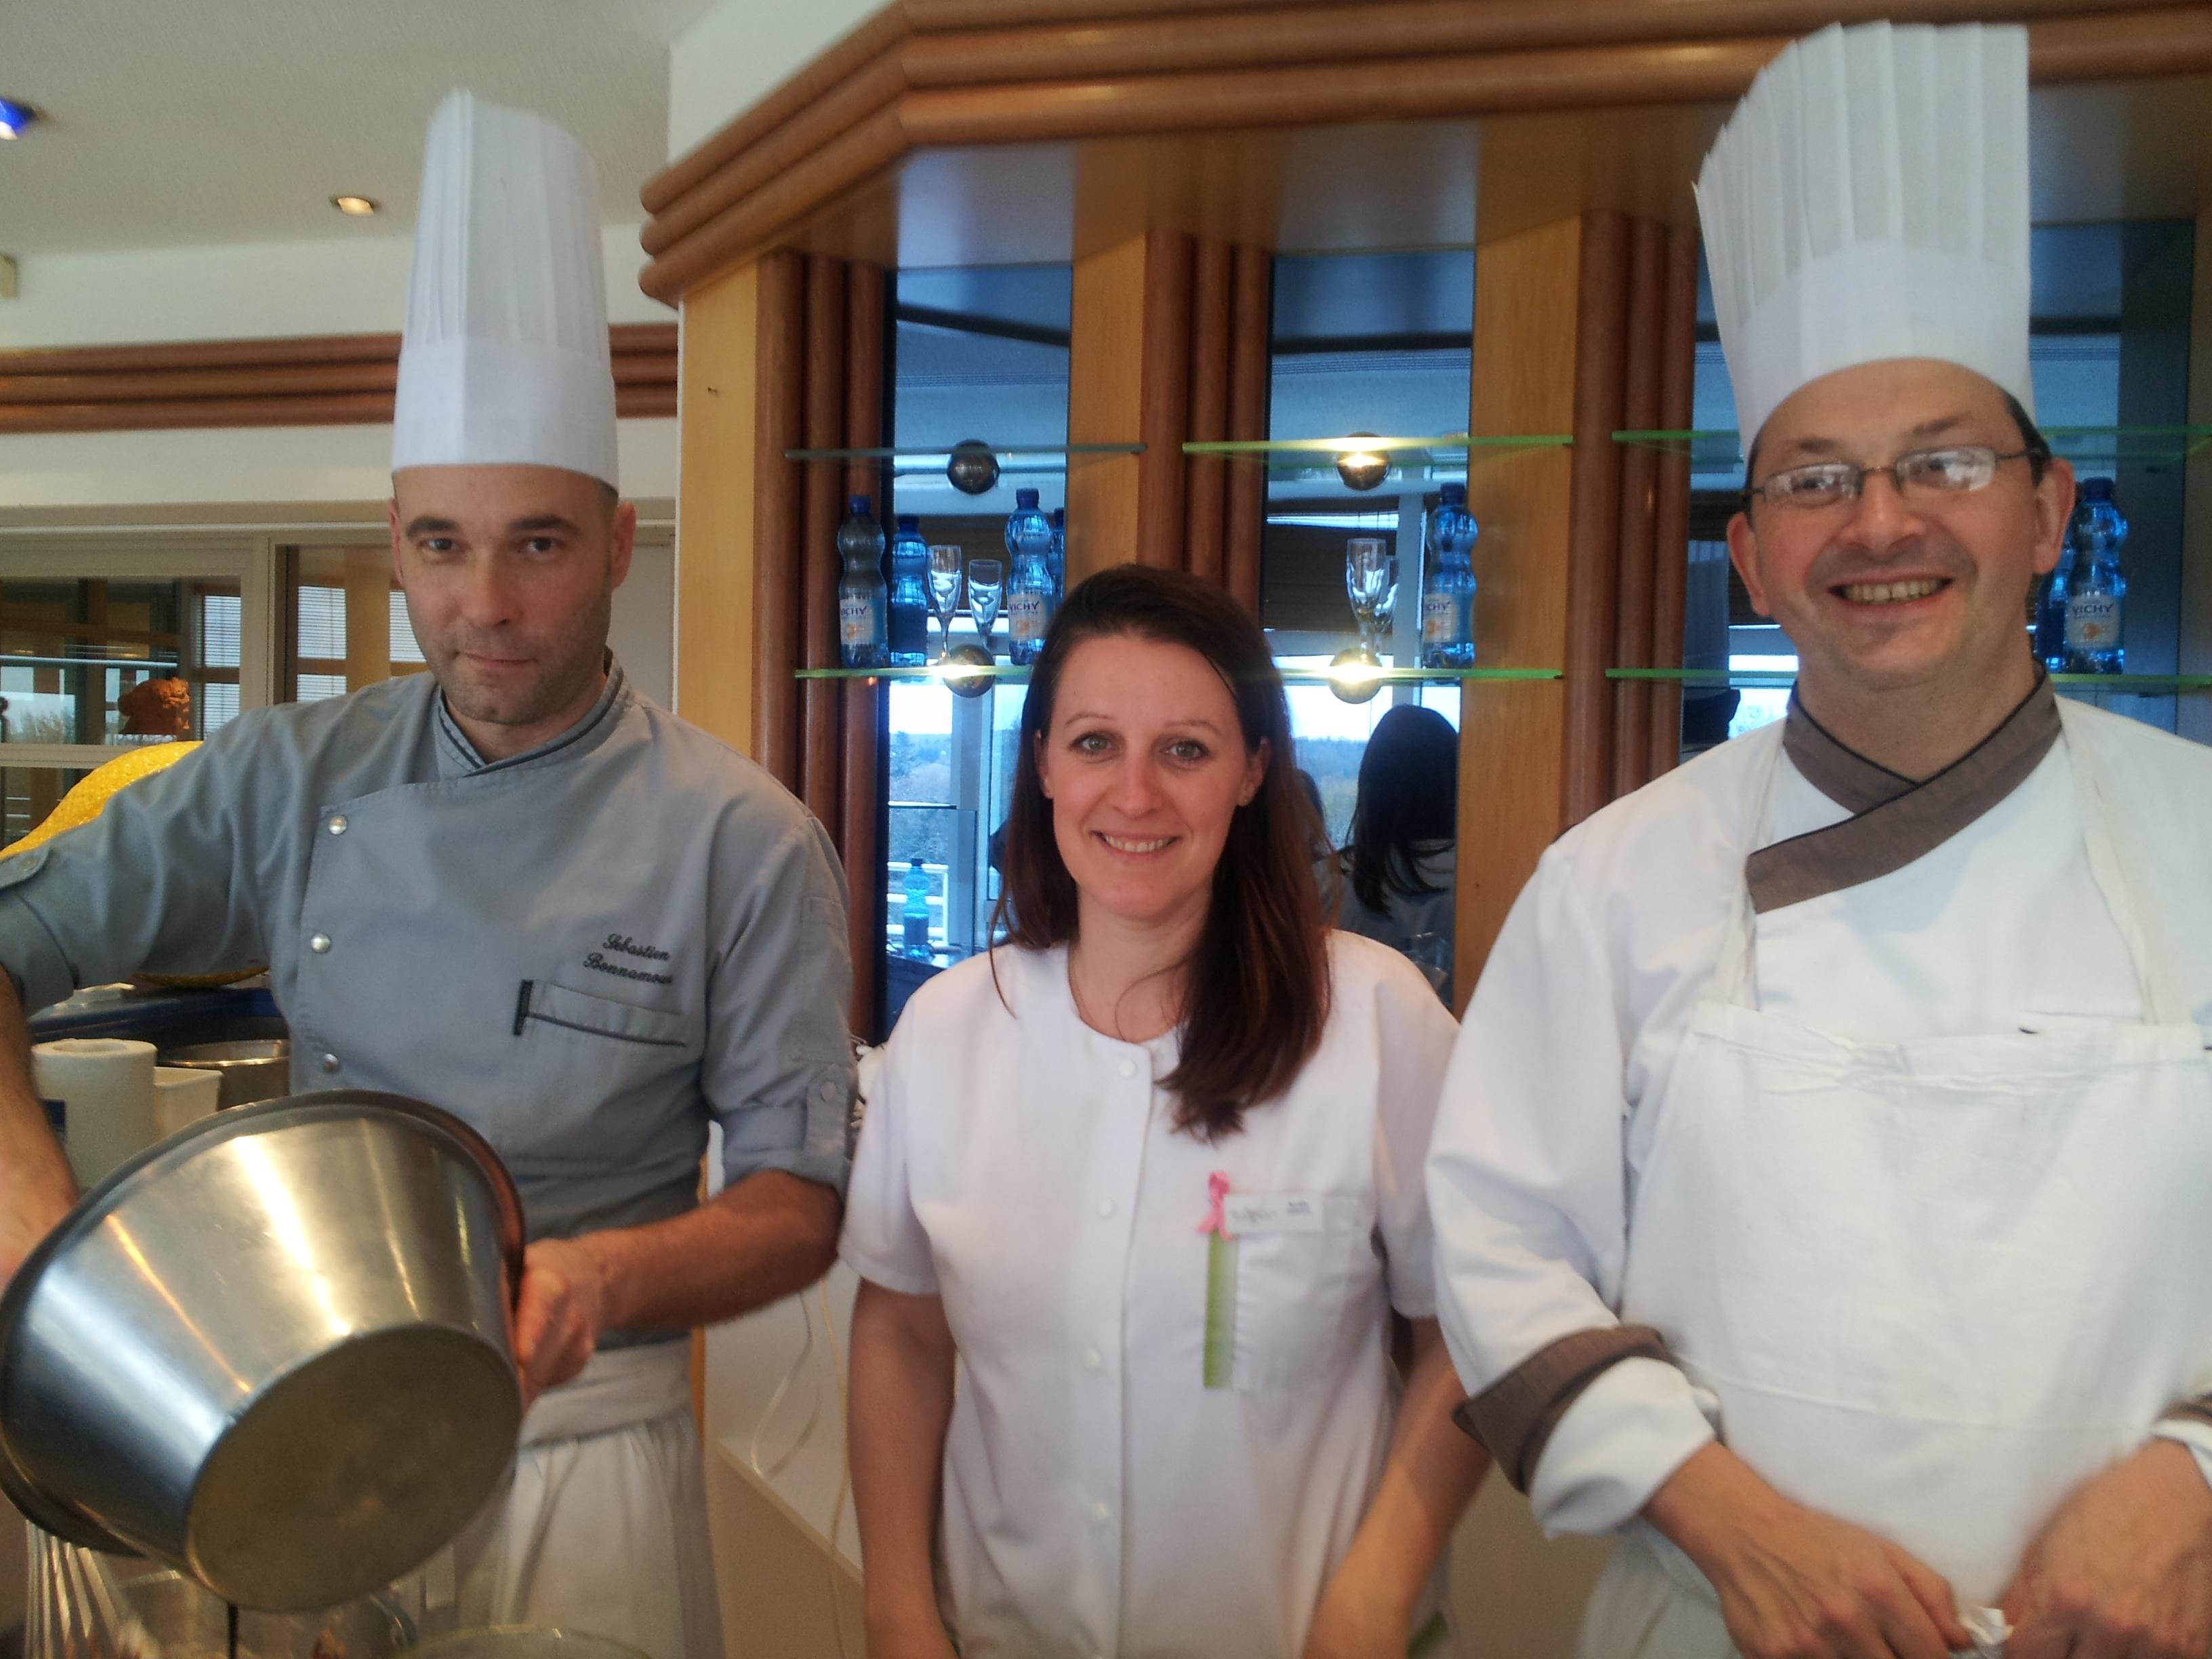 de gauche à droite: Sébastien Bonnamour, Aurélie Bodin et Christophe Vauthier © IM/laradiodugout.fr